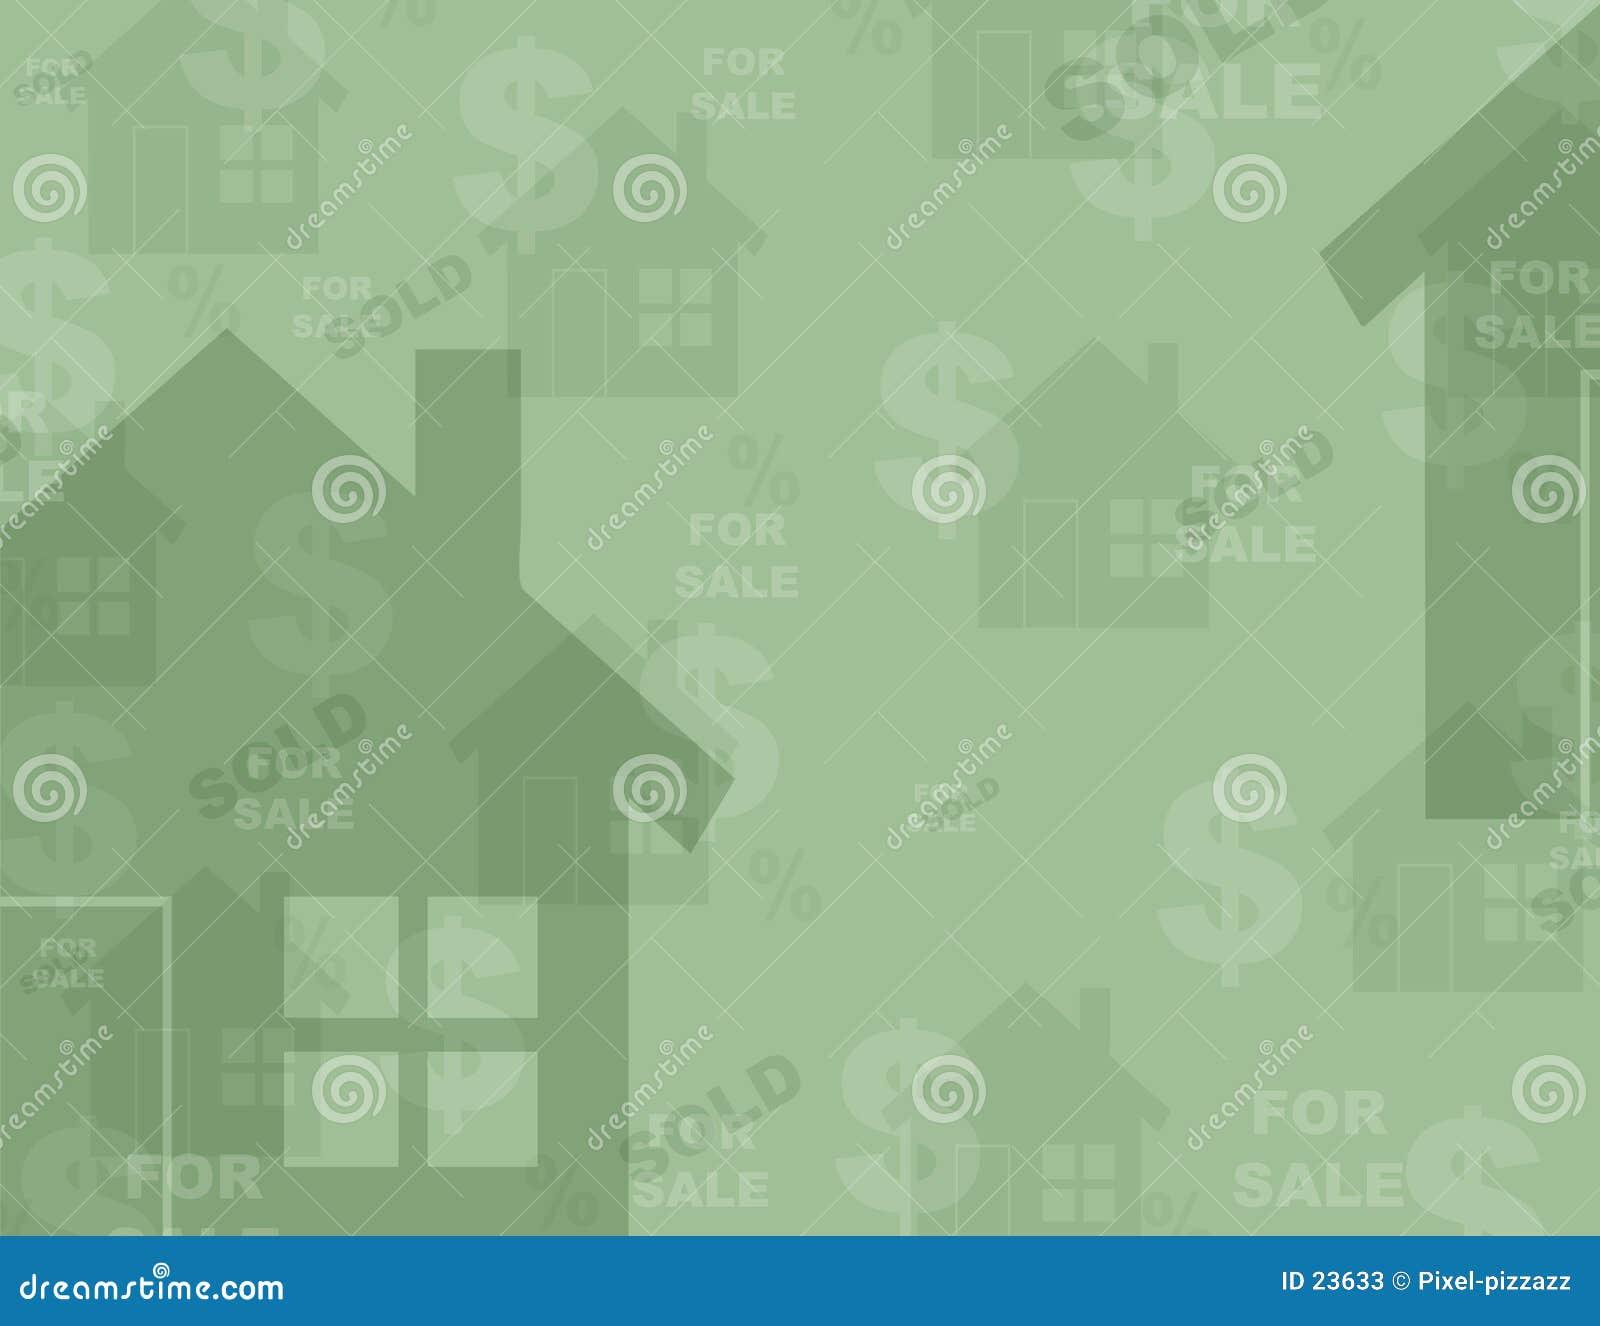 Hintergrund - Grundbesitz